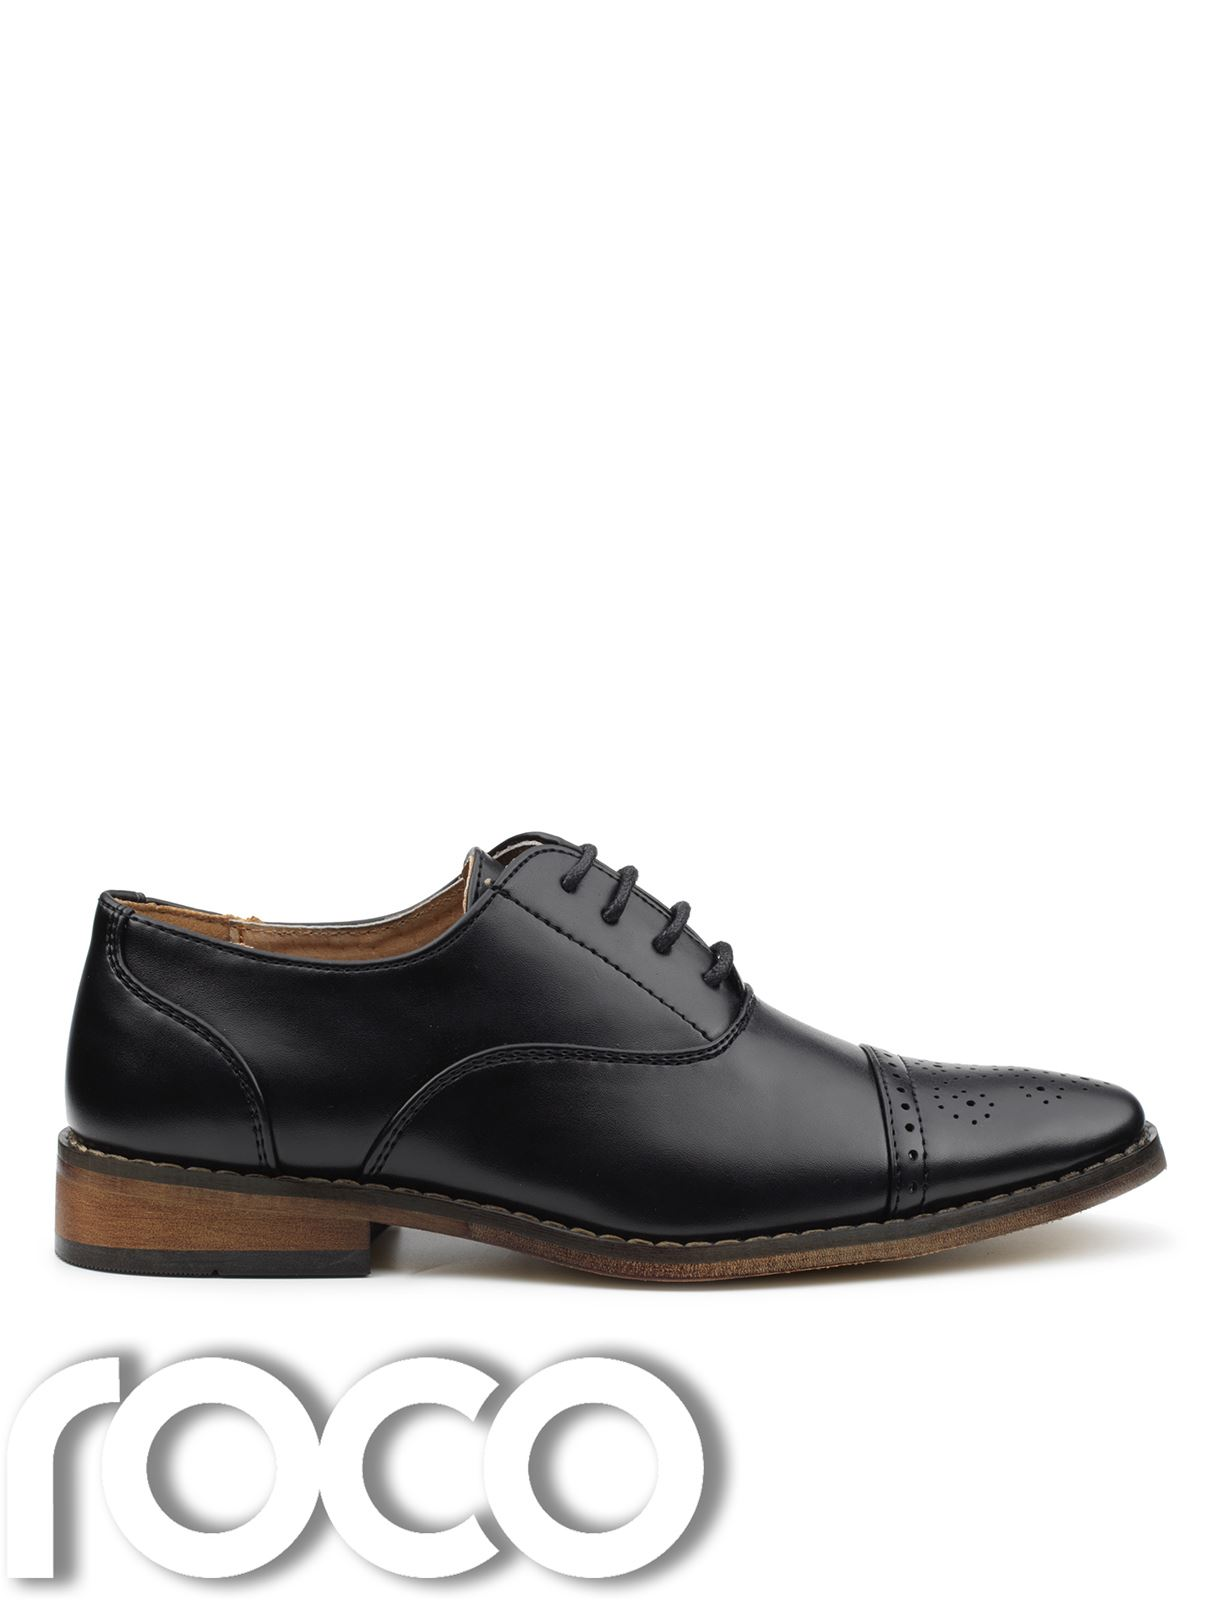 93ea5a553b84 Paisley-of-London-Boys-Shoes-Boys-Oxfords-Shoes-